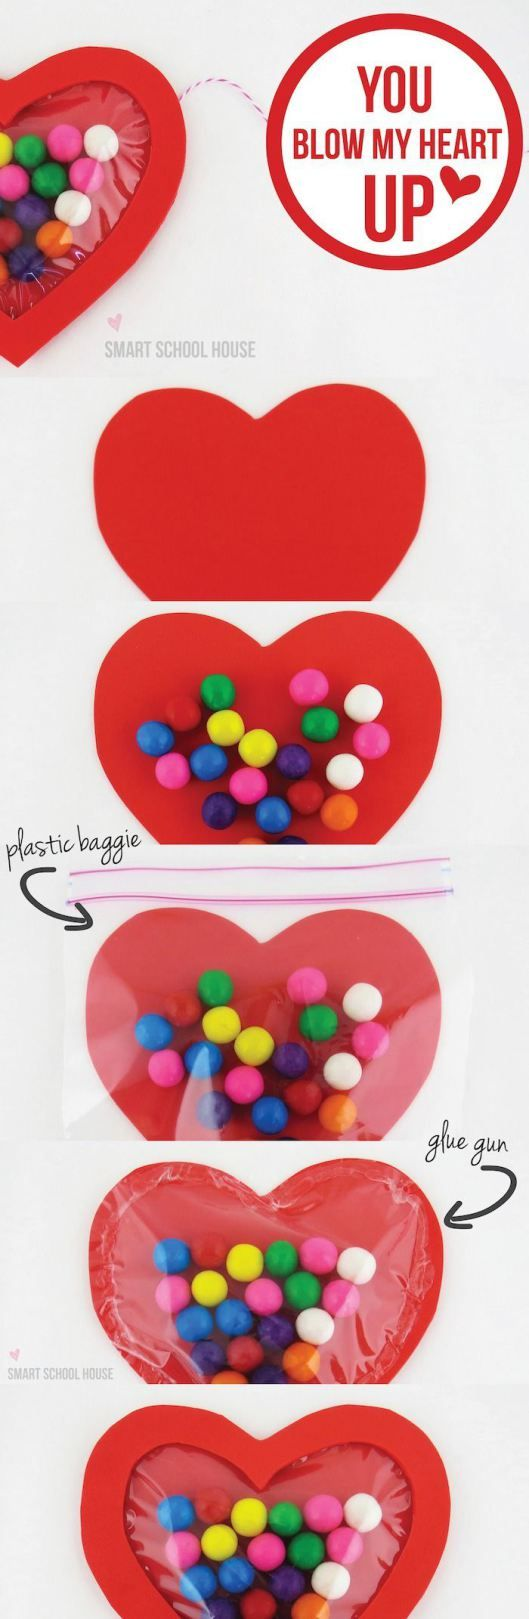 corazón pastillero  san valentin